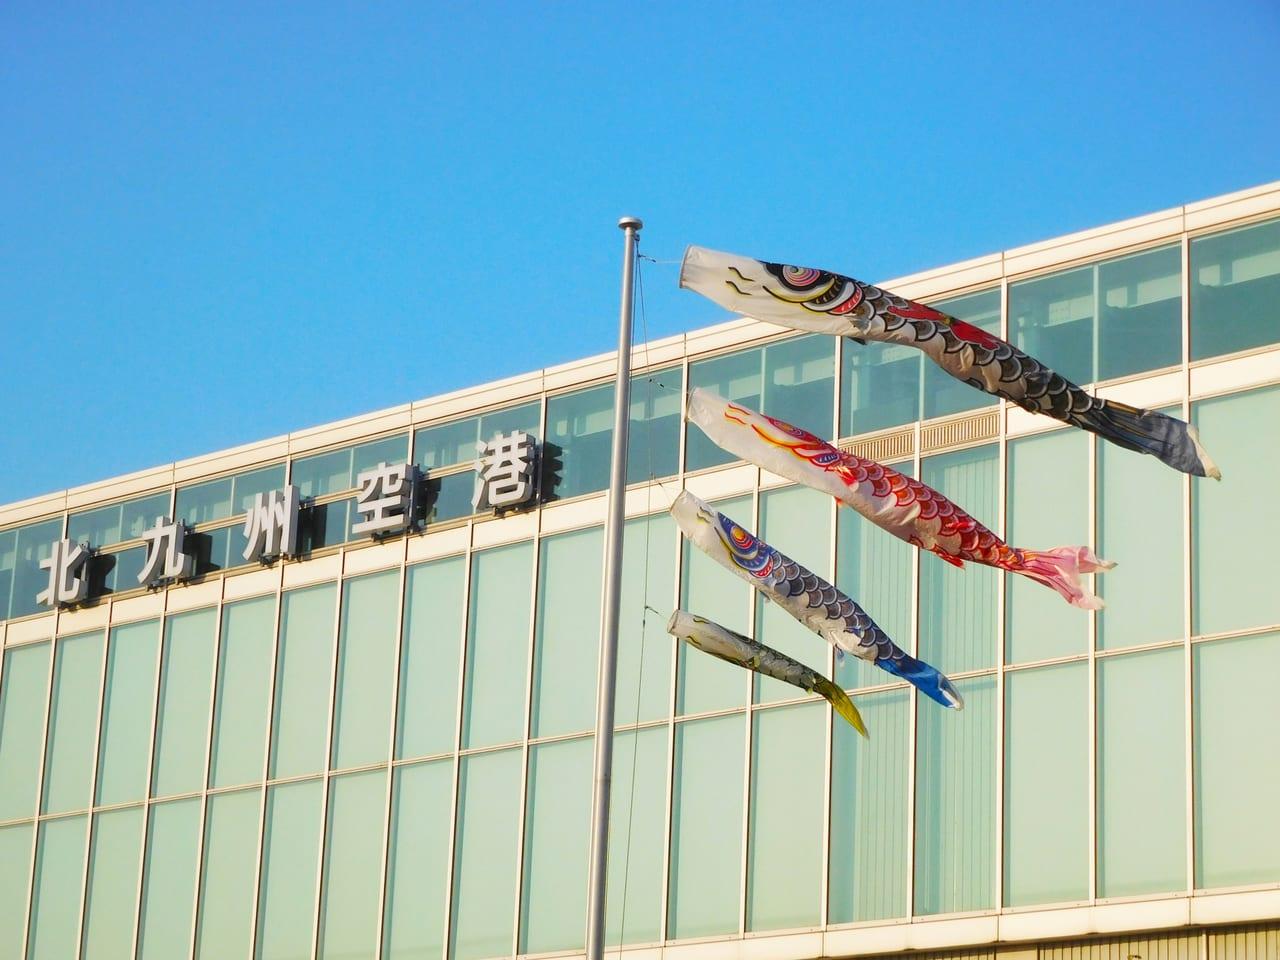 北九州空港ぜんざい振る舞い、写真展